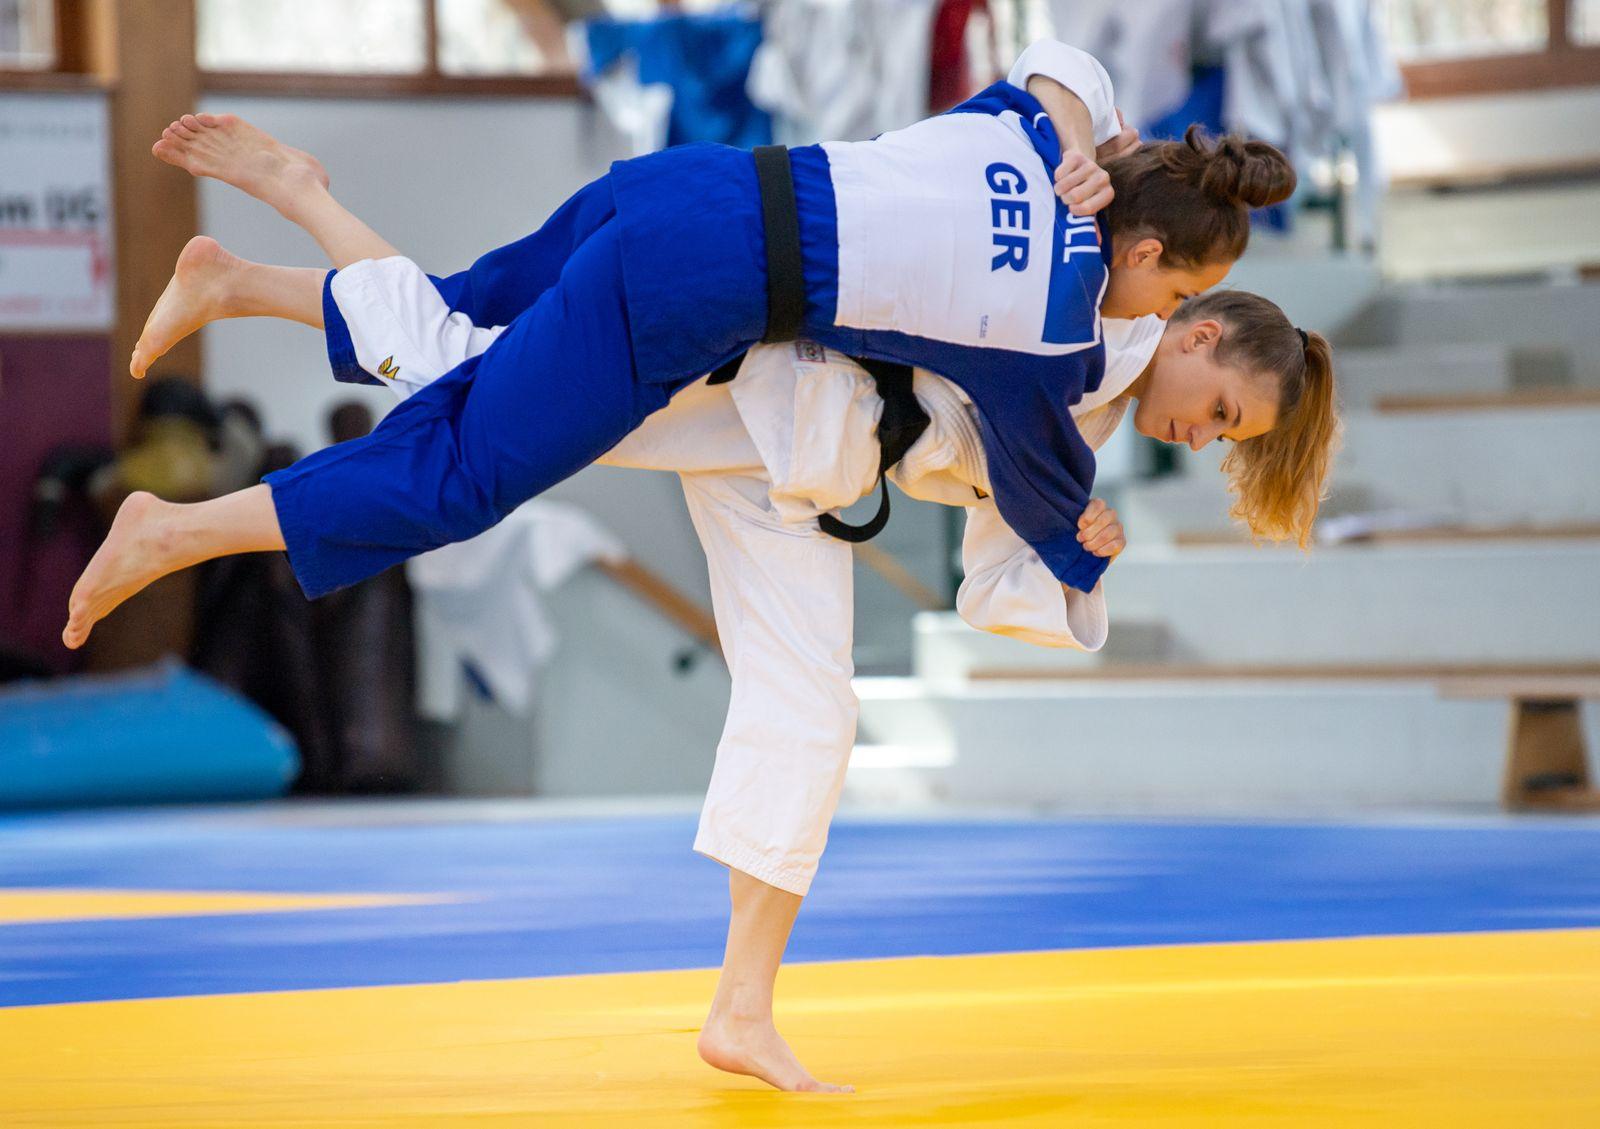 Exclusive: Judoka Theresa Stoll